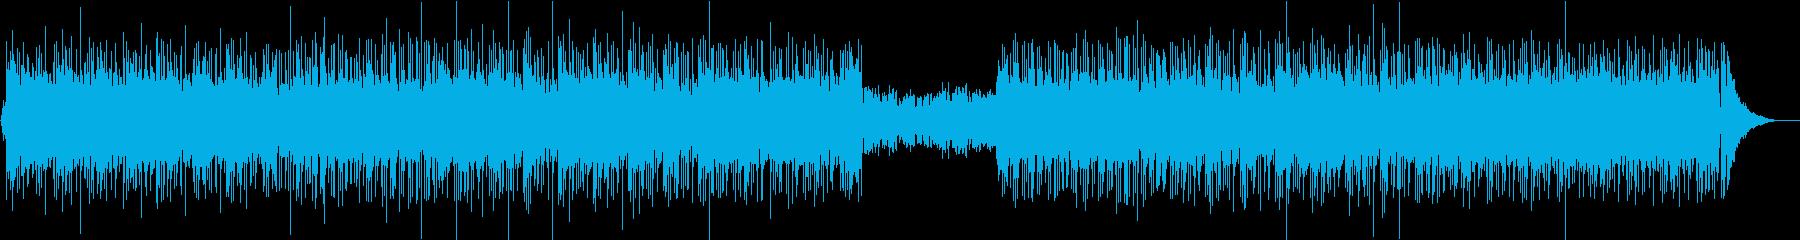 大人な雰囲気のおしゃれJ−POP風BGMの再生済みの波形